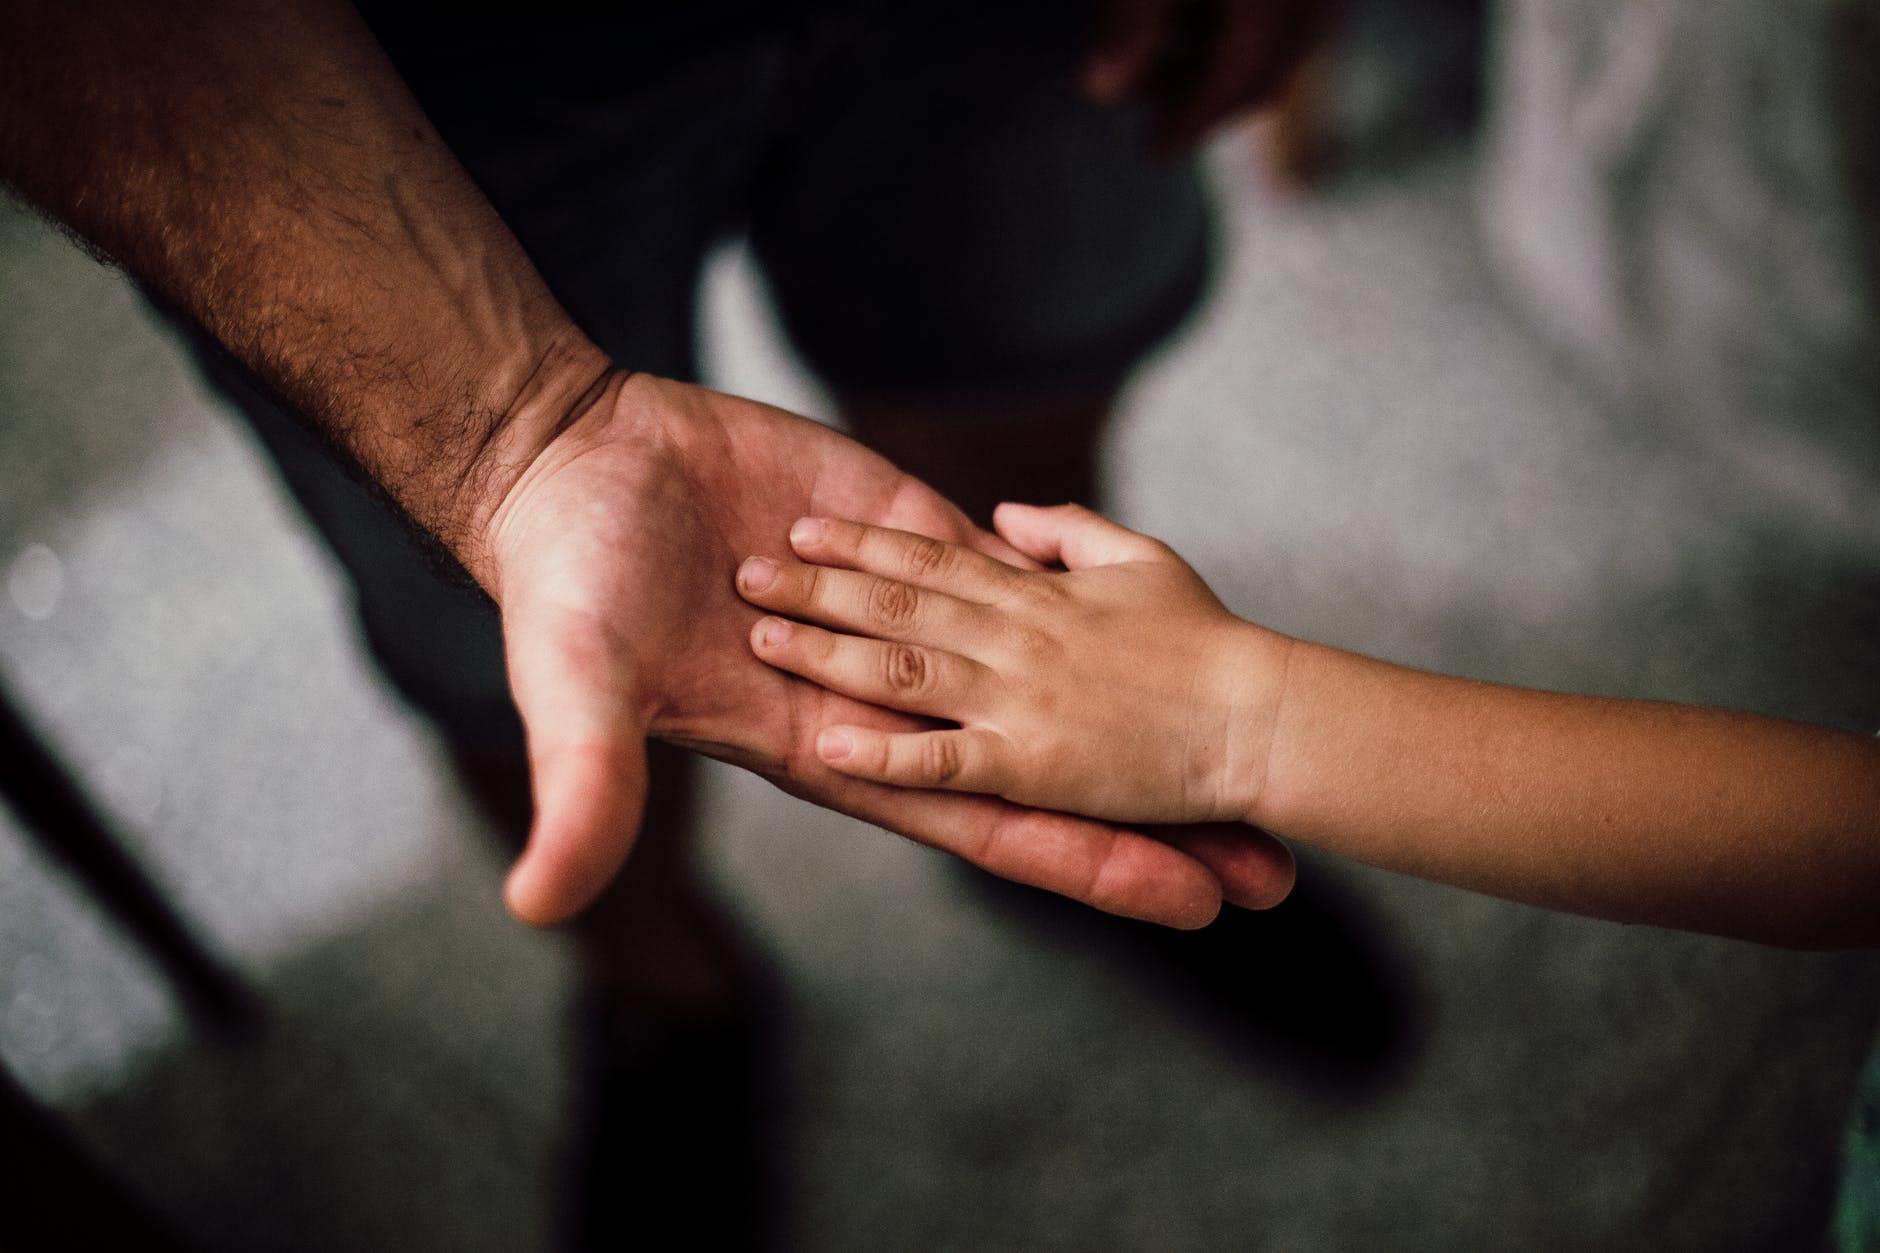 """Dramatyczny list ojca do redakcji. """"Mój synek ma 4-latka… To jak droga do piekła"""" [LIST DO REDAKCJI]"""